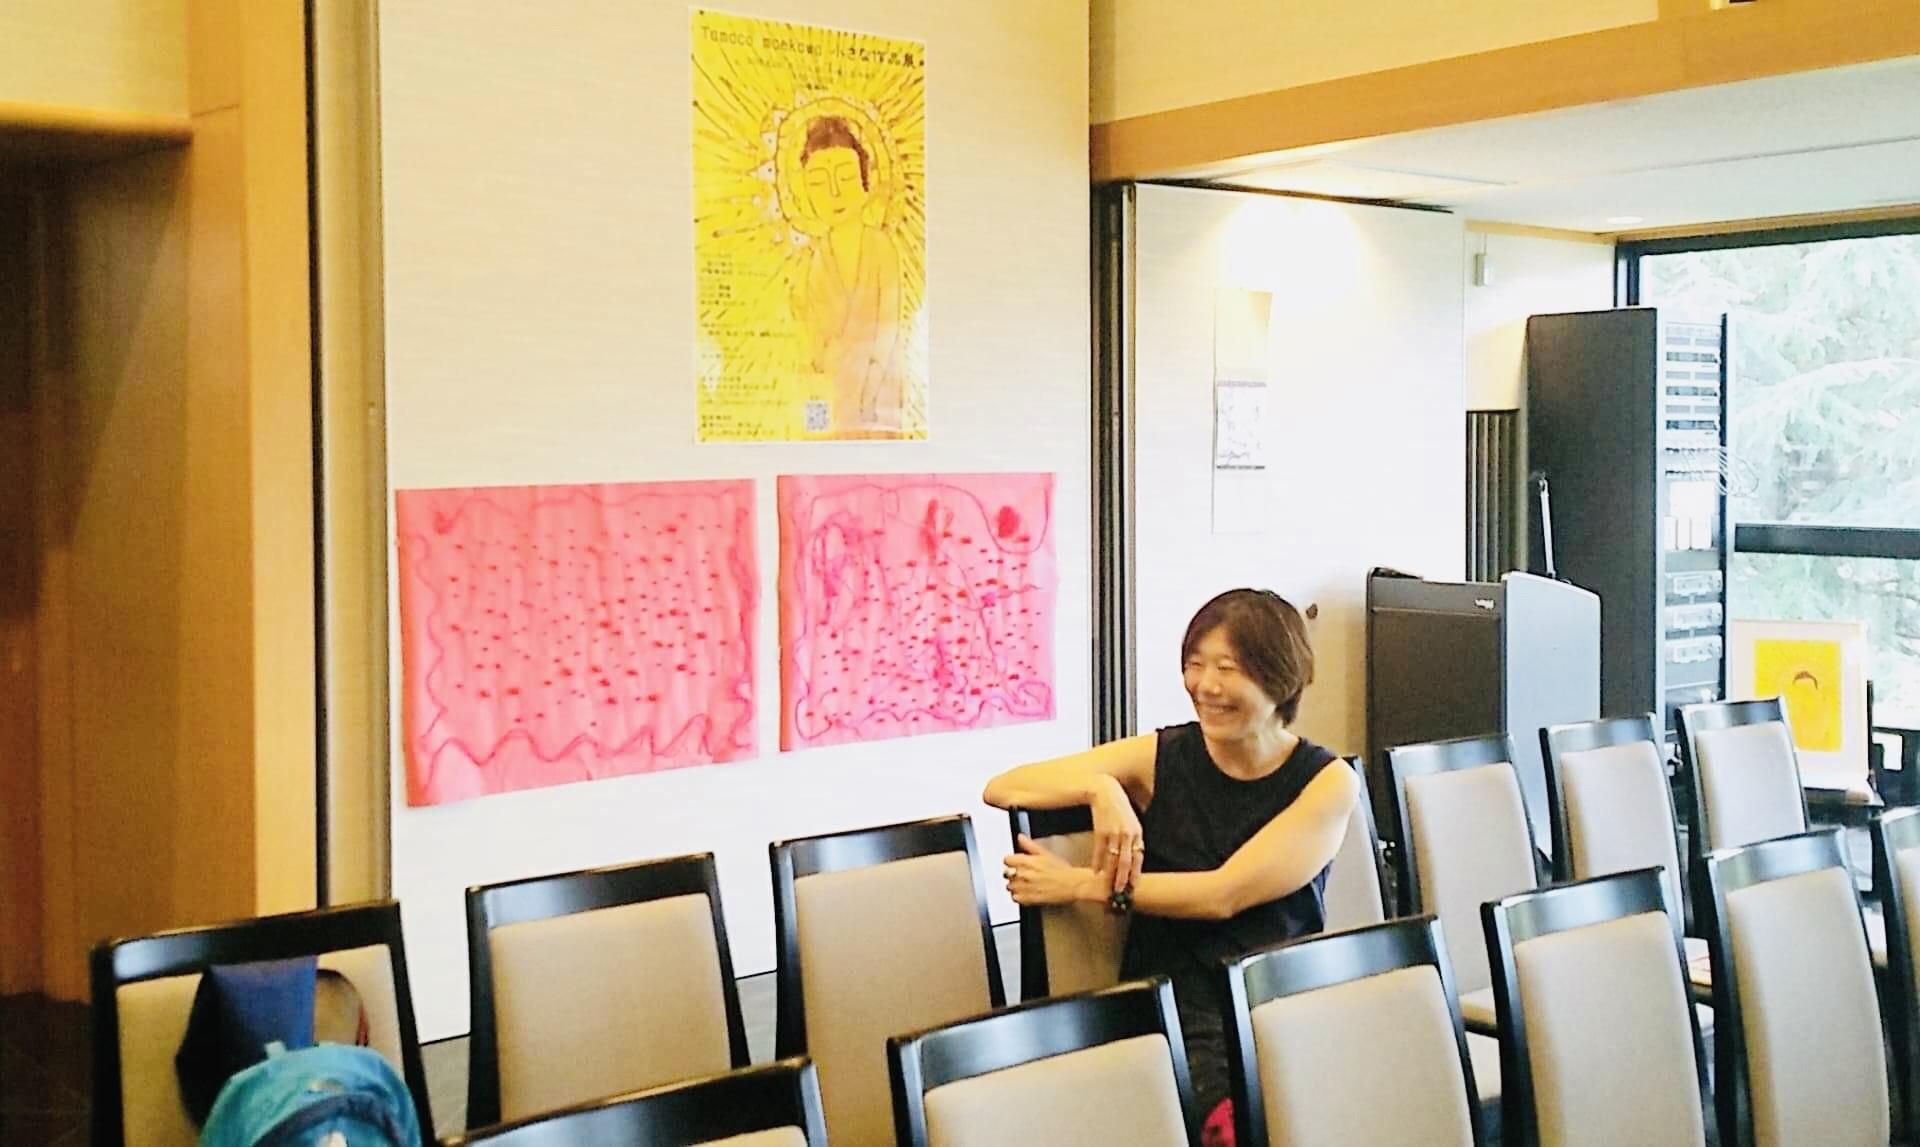 tamaco maekawa 小さな作品展、はじまりました!!!!_c0195362_20481816.jpeg